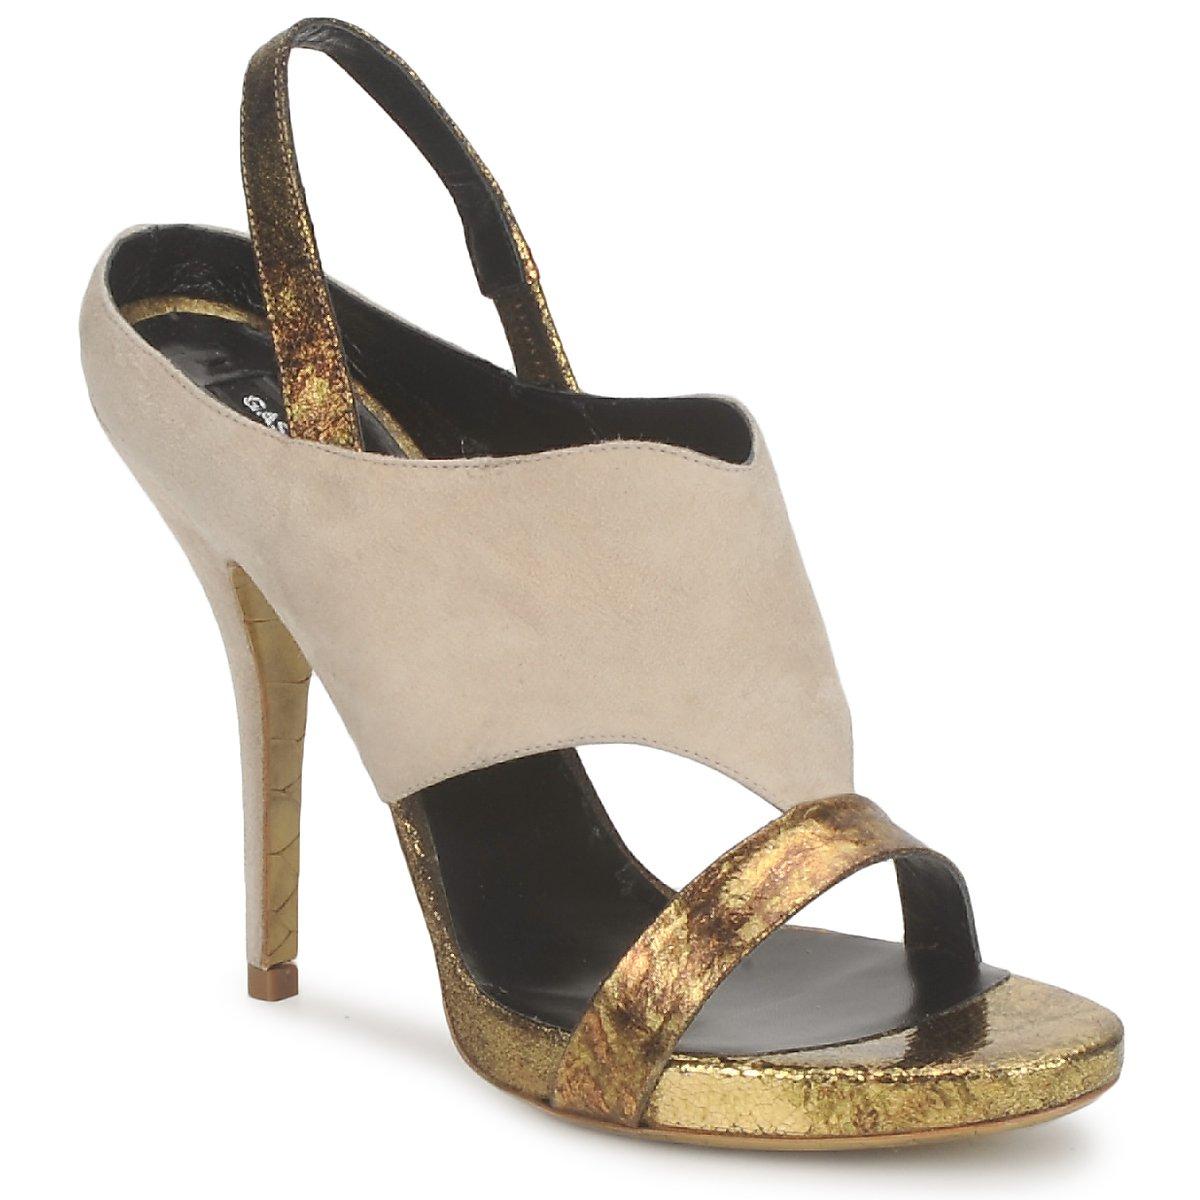 Gaspard Yurkievich T4 VAR8 Beige / Goldfarben - Kostenloser Versand bei Spartoode ! - Schuhe Sandalen / Sandaletten Damen 335,40 €